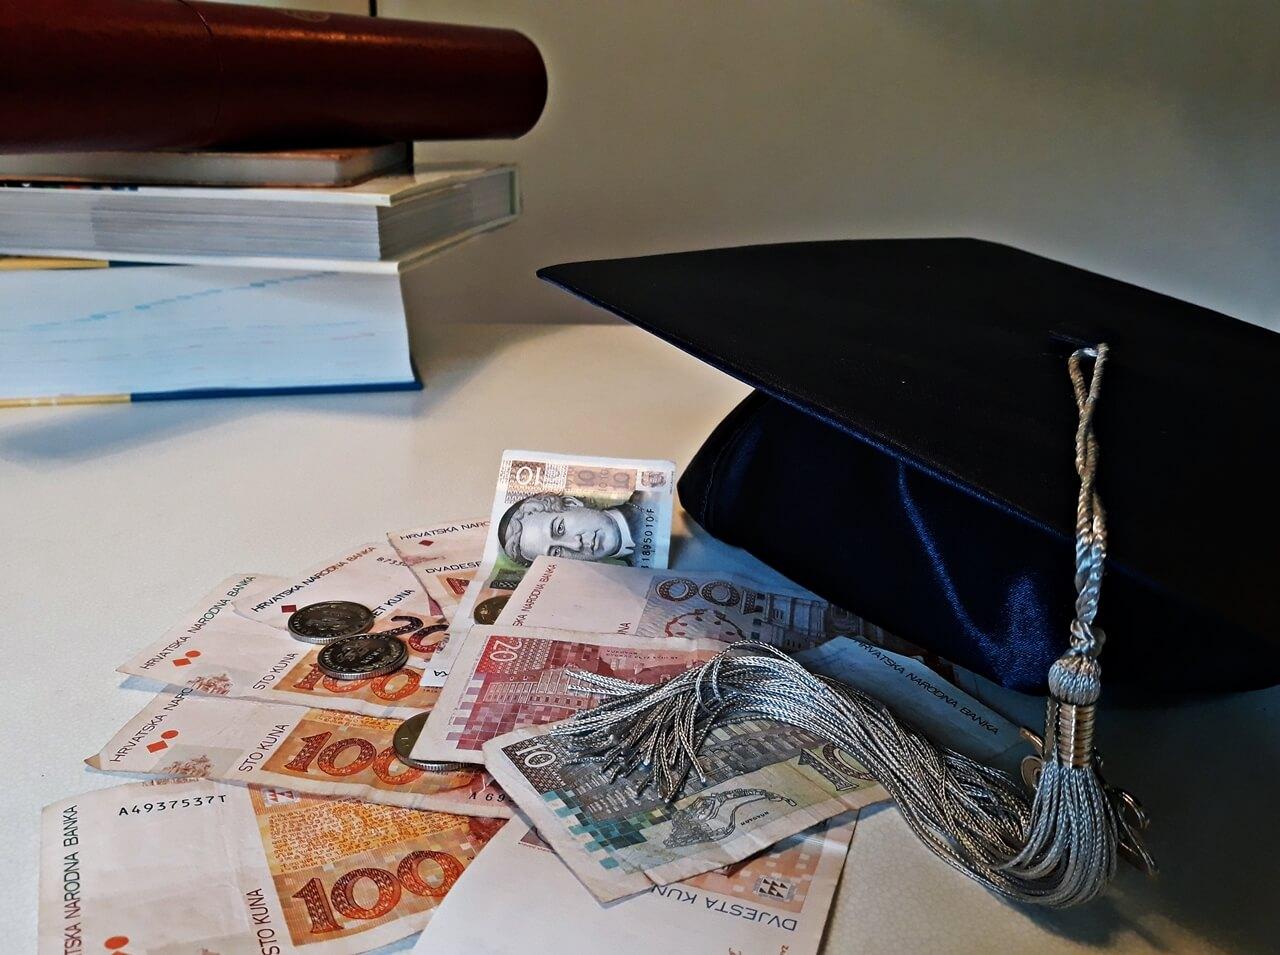 Objavljeni konačni rezultati natječaja za državnu stipendiju: Snižen bodovni prag i riješeni prigovori